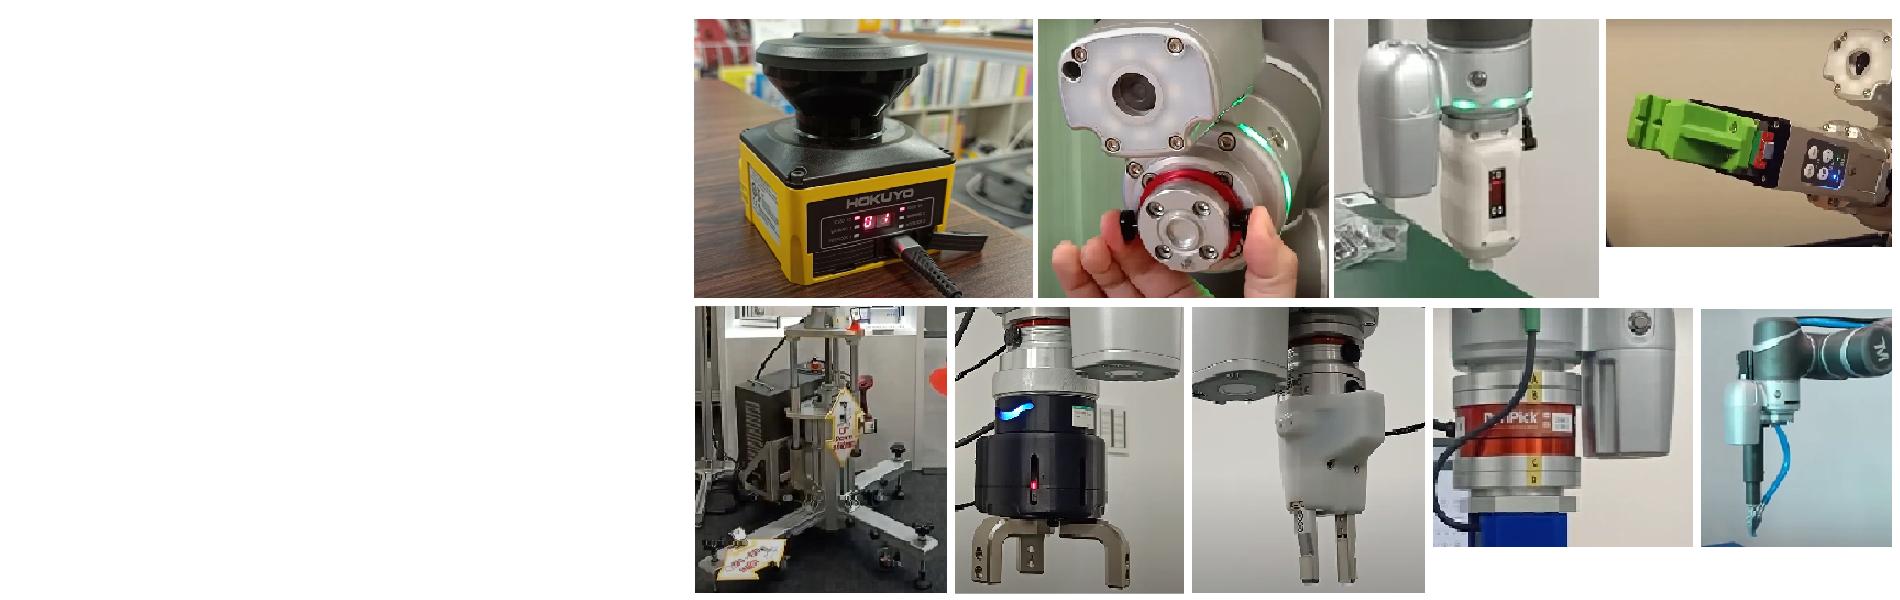 協働ロボット用エンドエフェクター販売